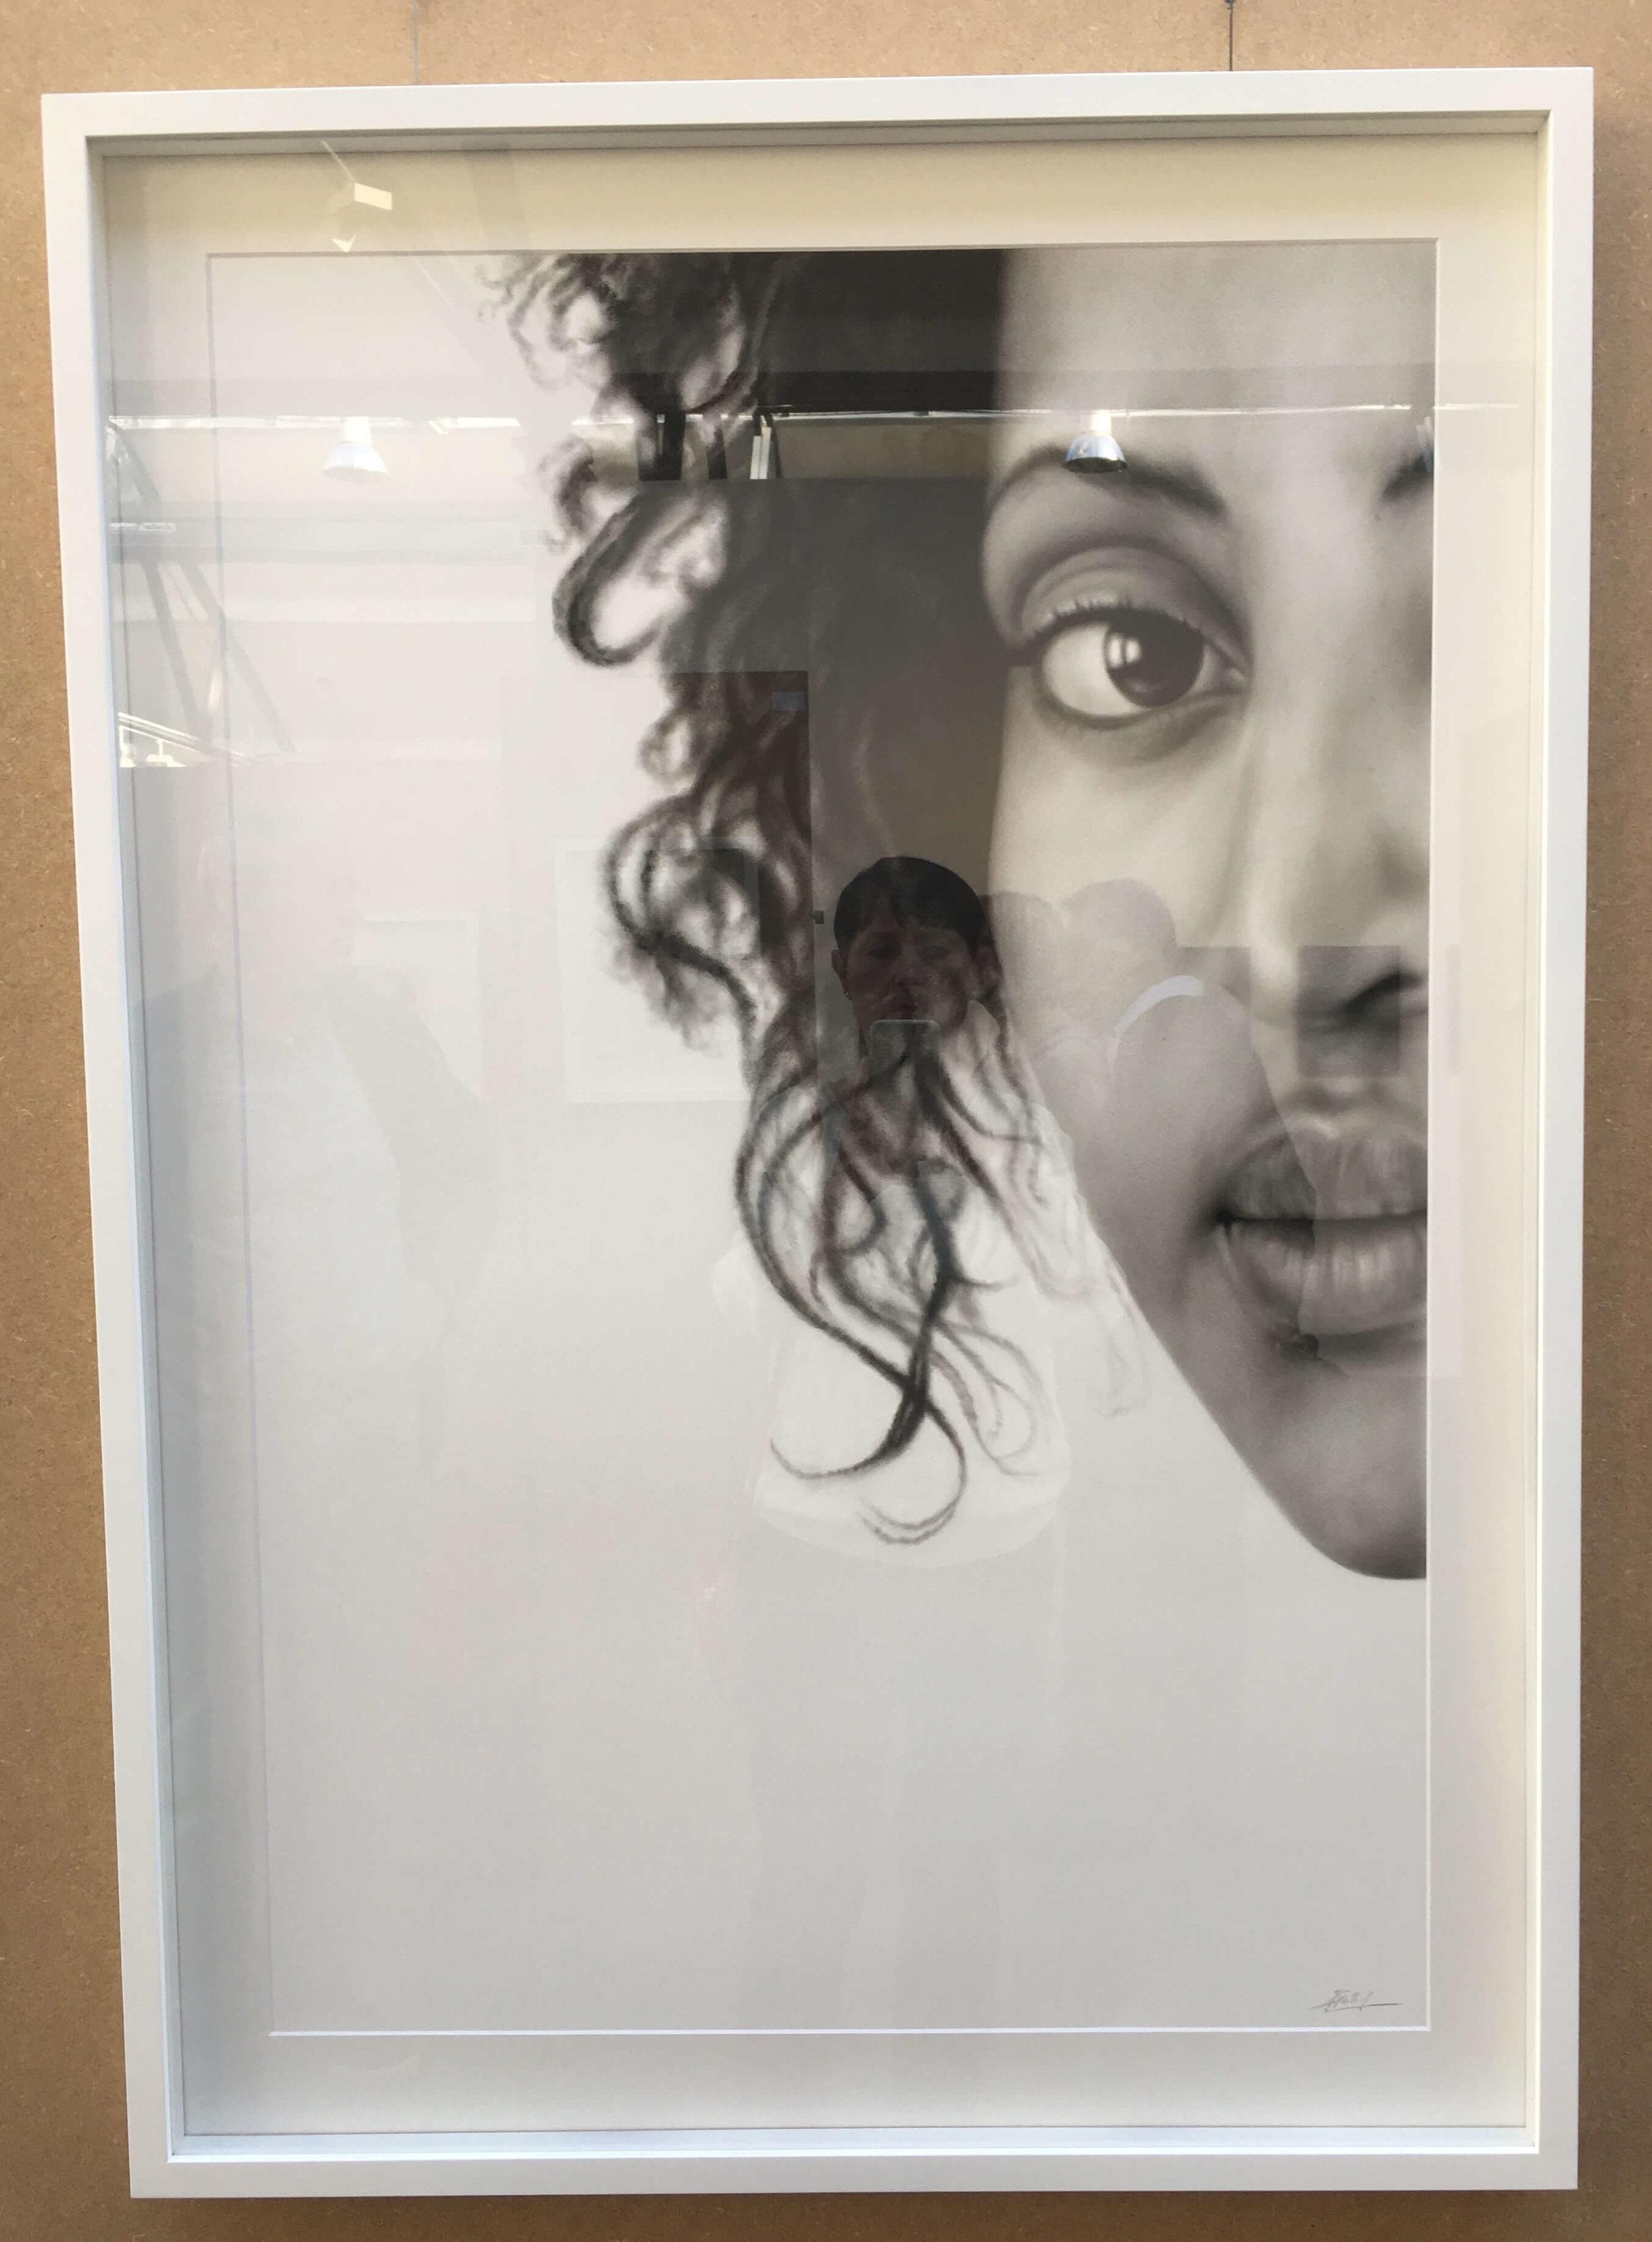 Jana Geilhof, Encounters, Öl auf Papier, Foto: U. Latzke